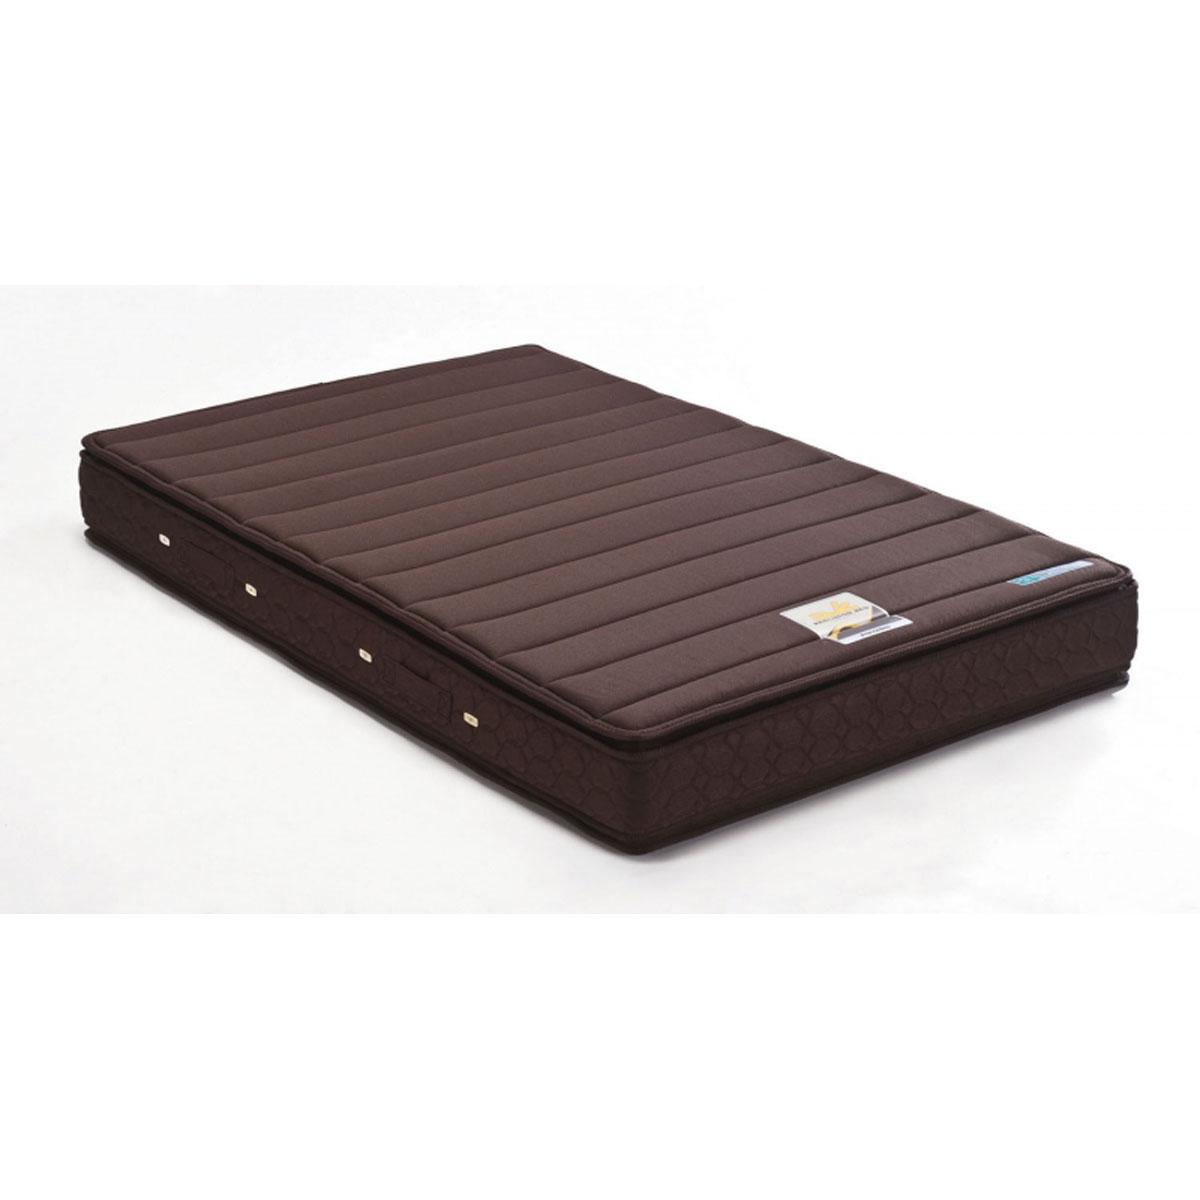 【本州四国は開梱設置】 フランスベッド 電動リクライニングベッド用マットレス ダークブラウン色 シングルサイズ RX-EX